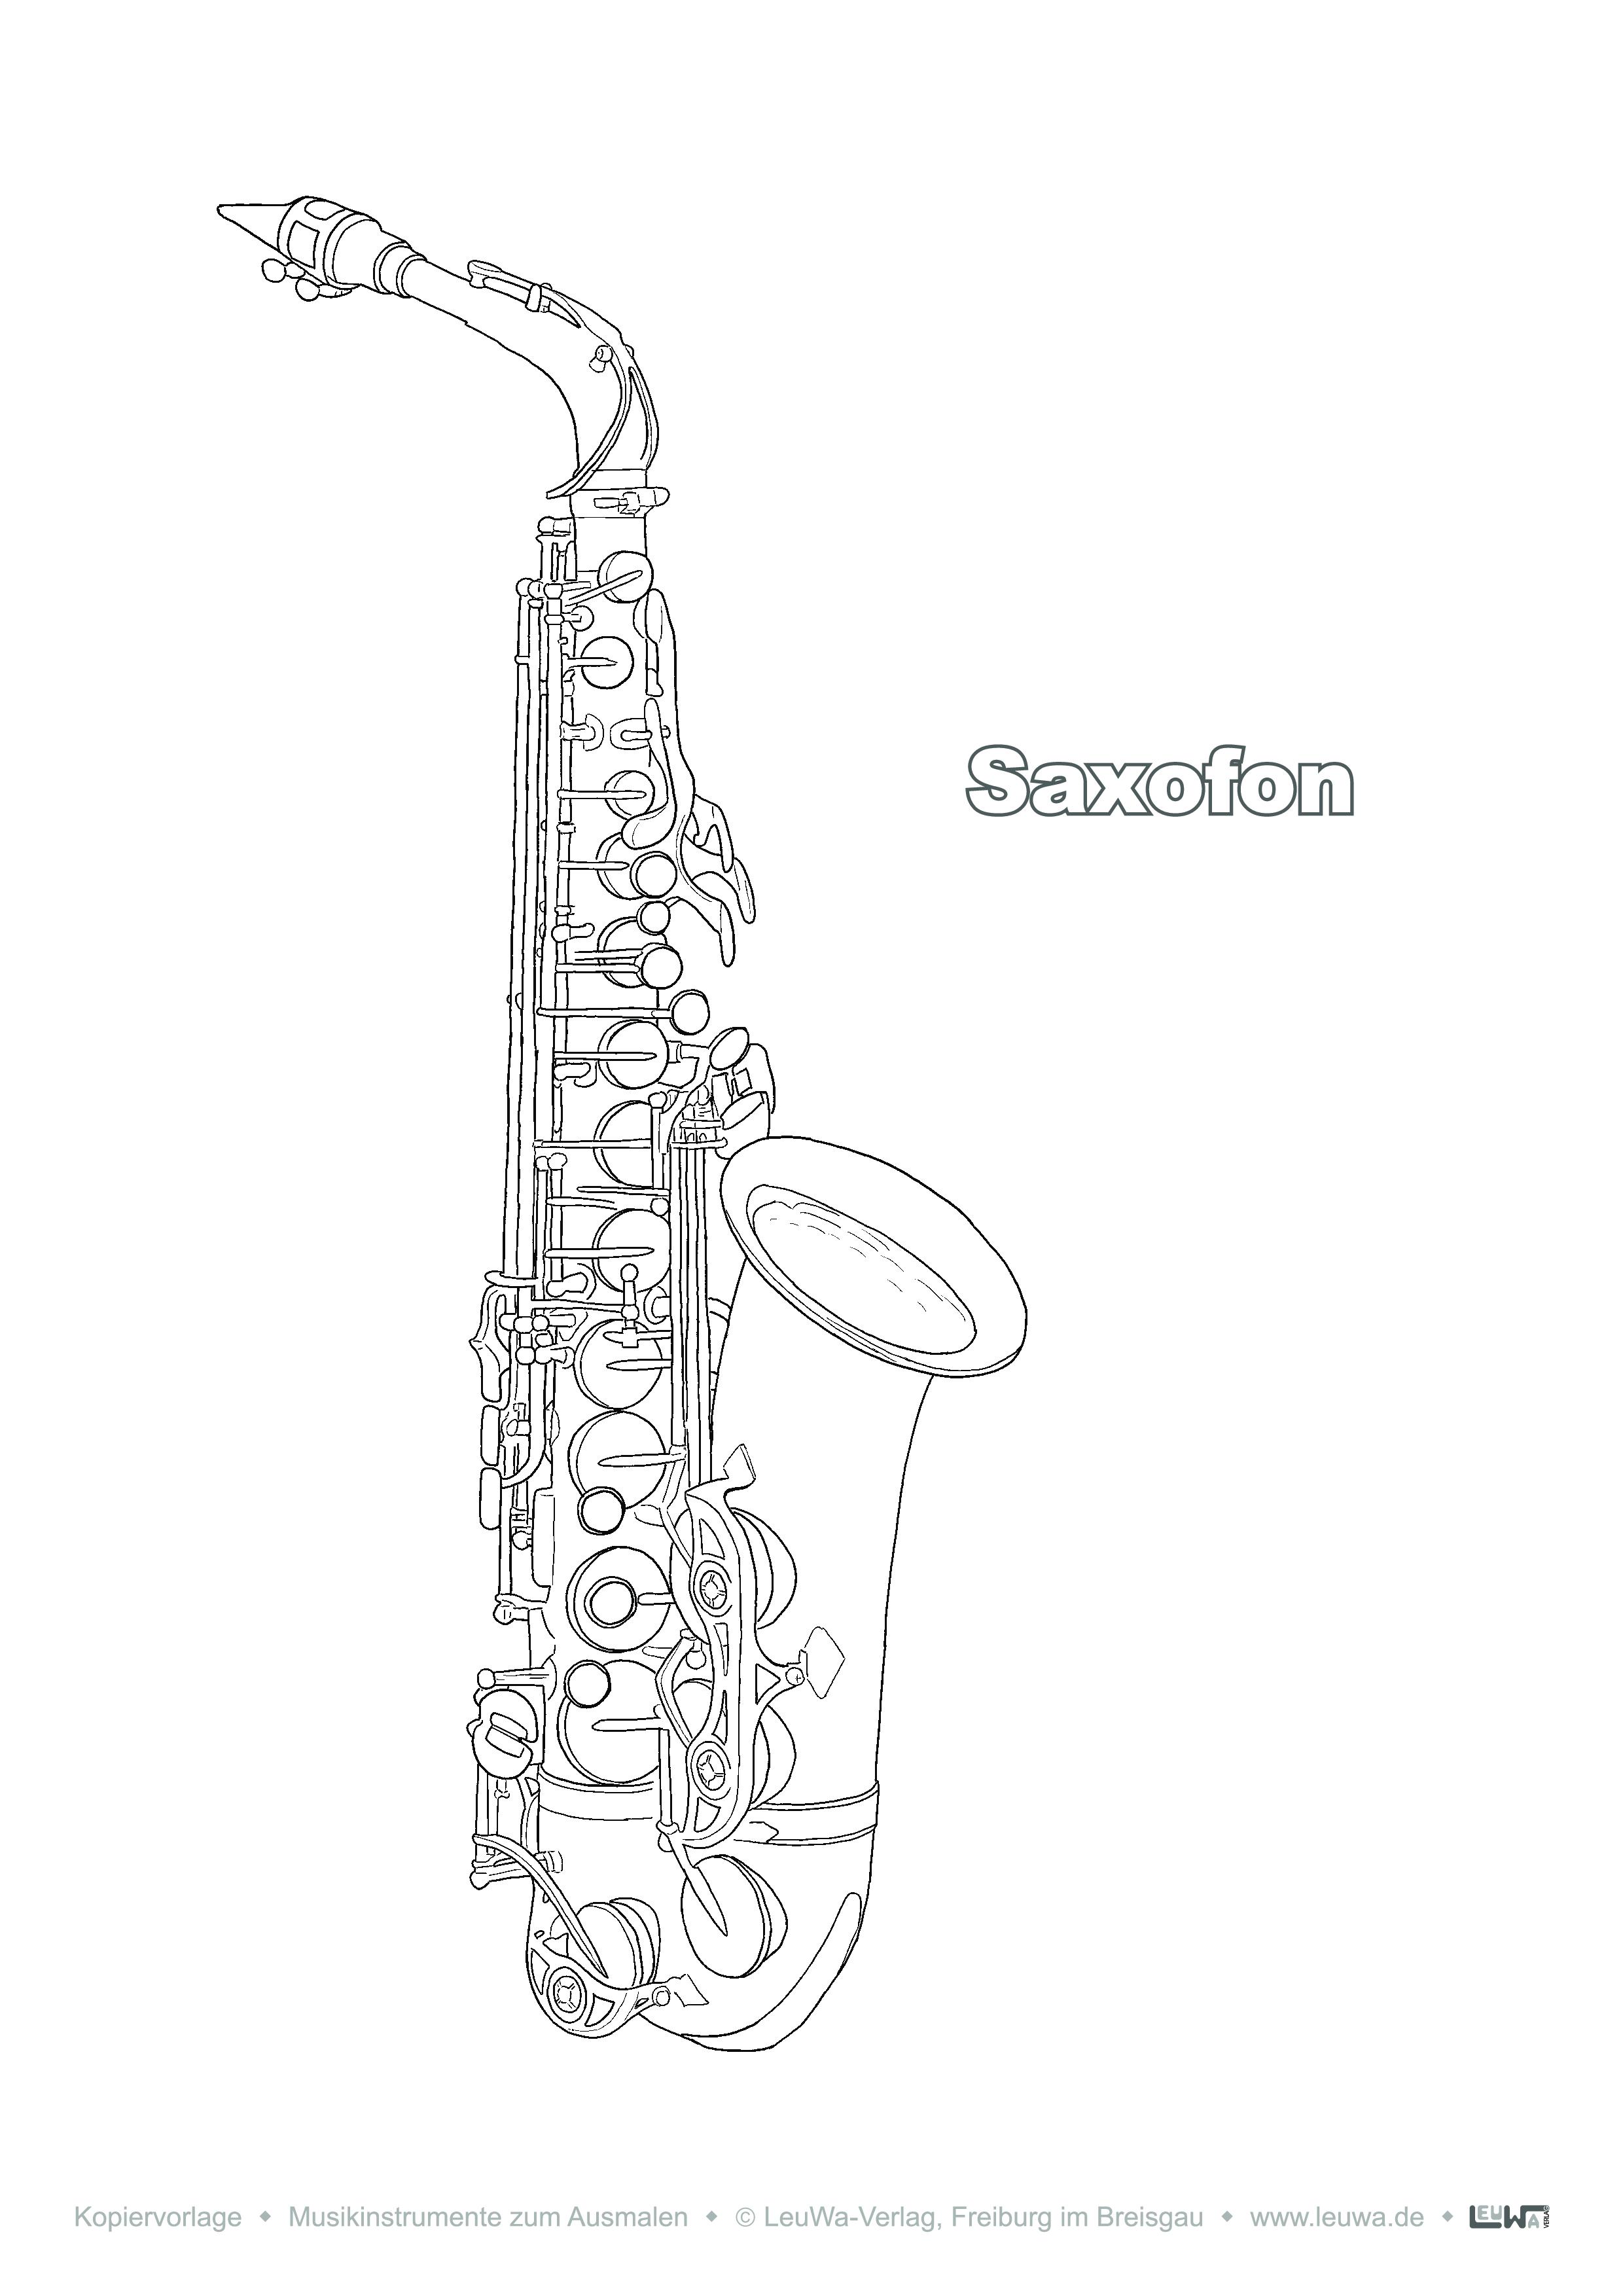 Musikinstrument Zum Ausmalen Saxofon Musikinstrumente Ausmalen Musik